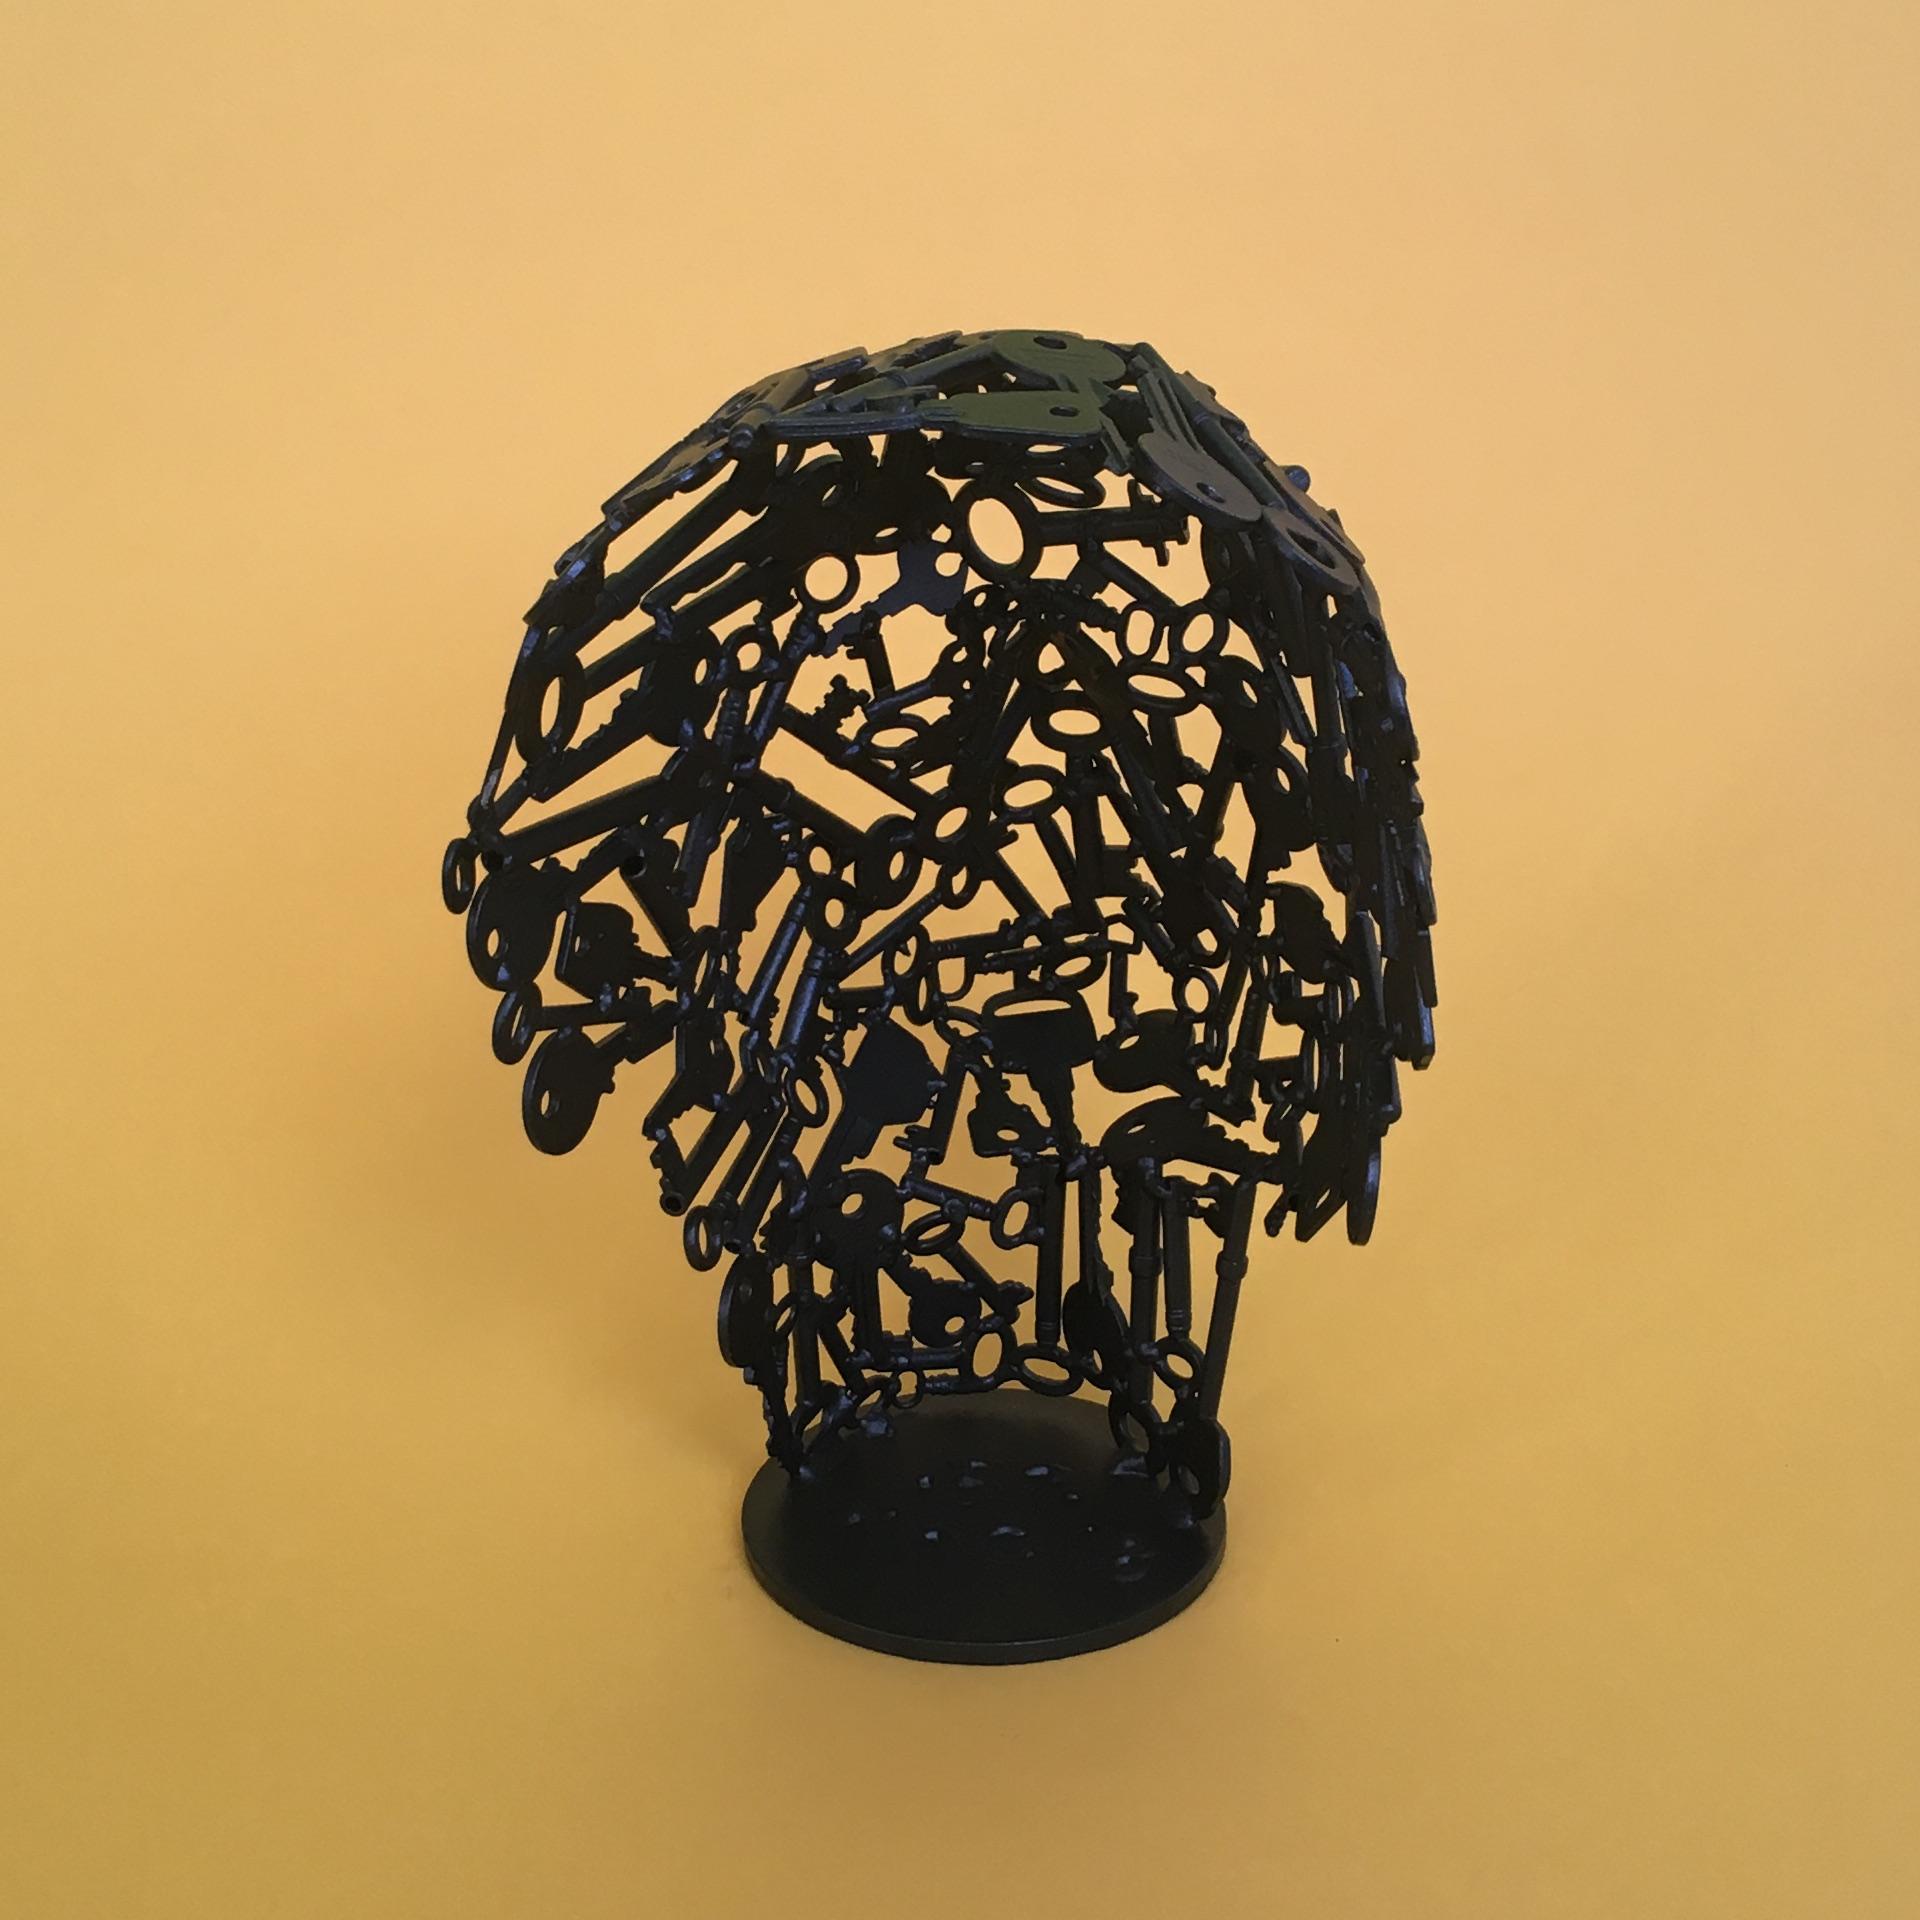 keys head side 1.JPG